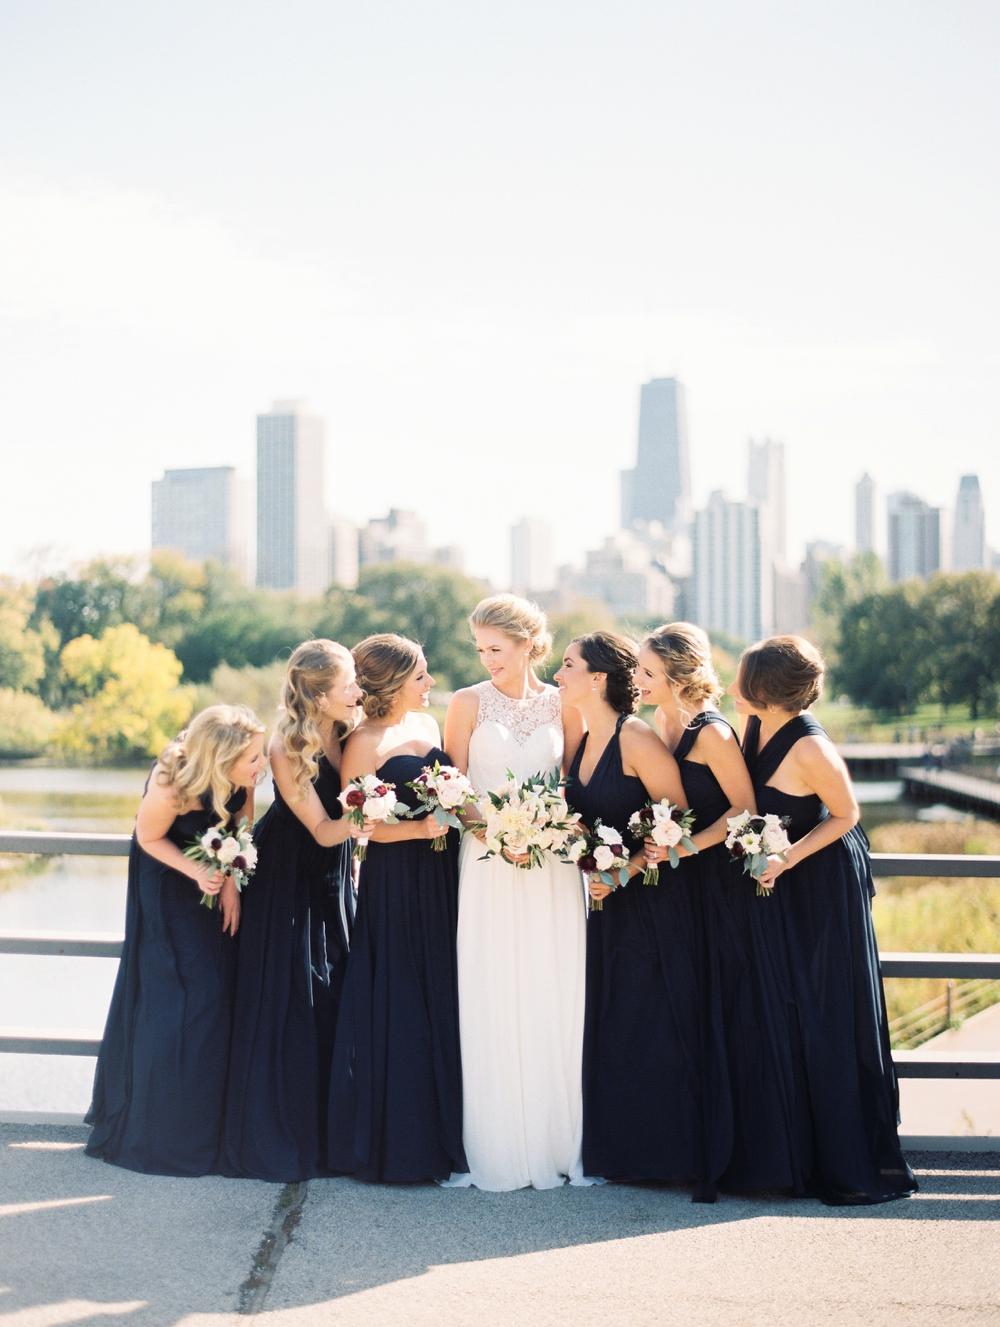 kristin-la-voie-photography-bridgeport-art-center-wedding-chicago-wedding-photographer-84.jpg